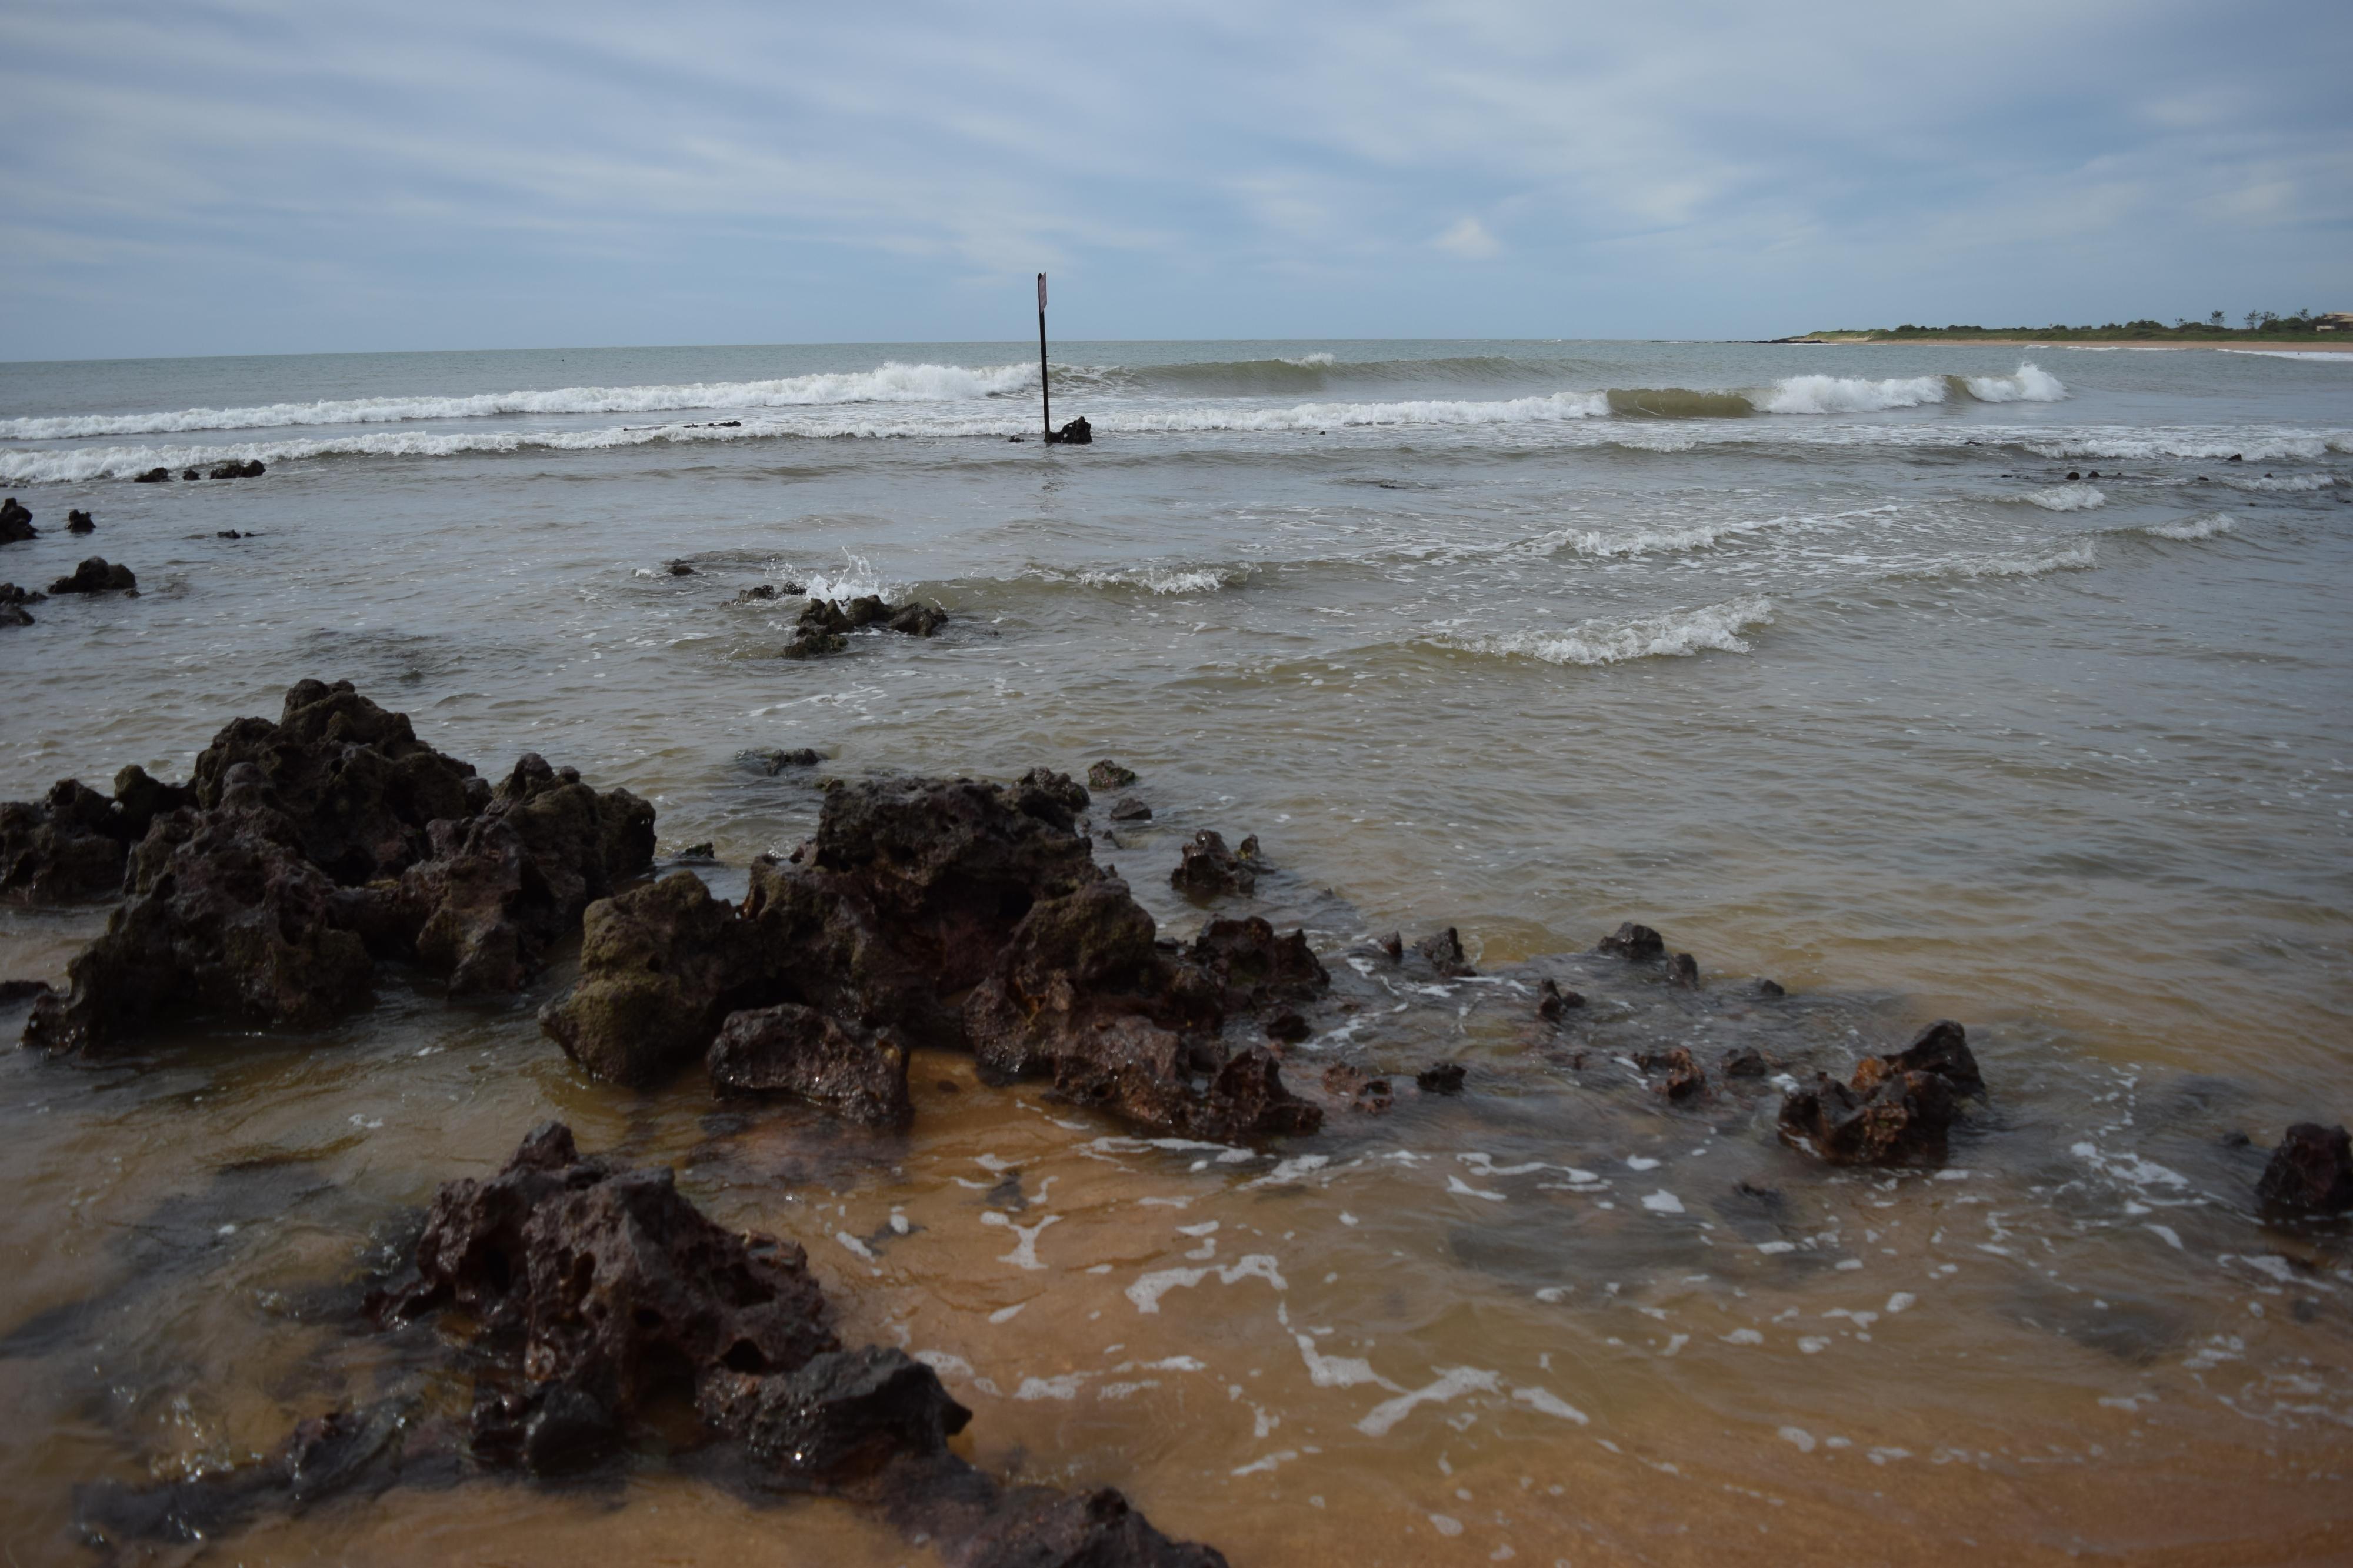 Praia dos Castelhanos, em Anchieta, Espírito Santo. Crédito: João Paulo Rocetti